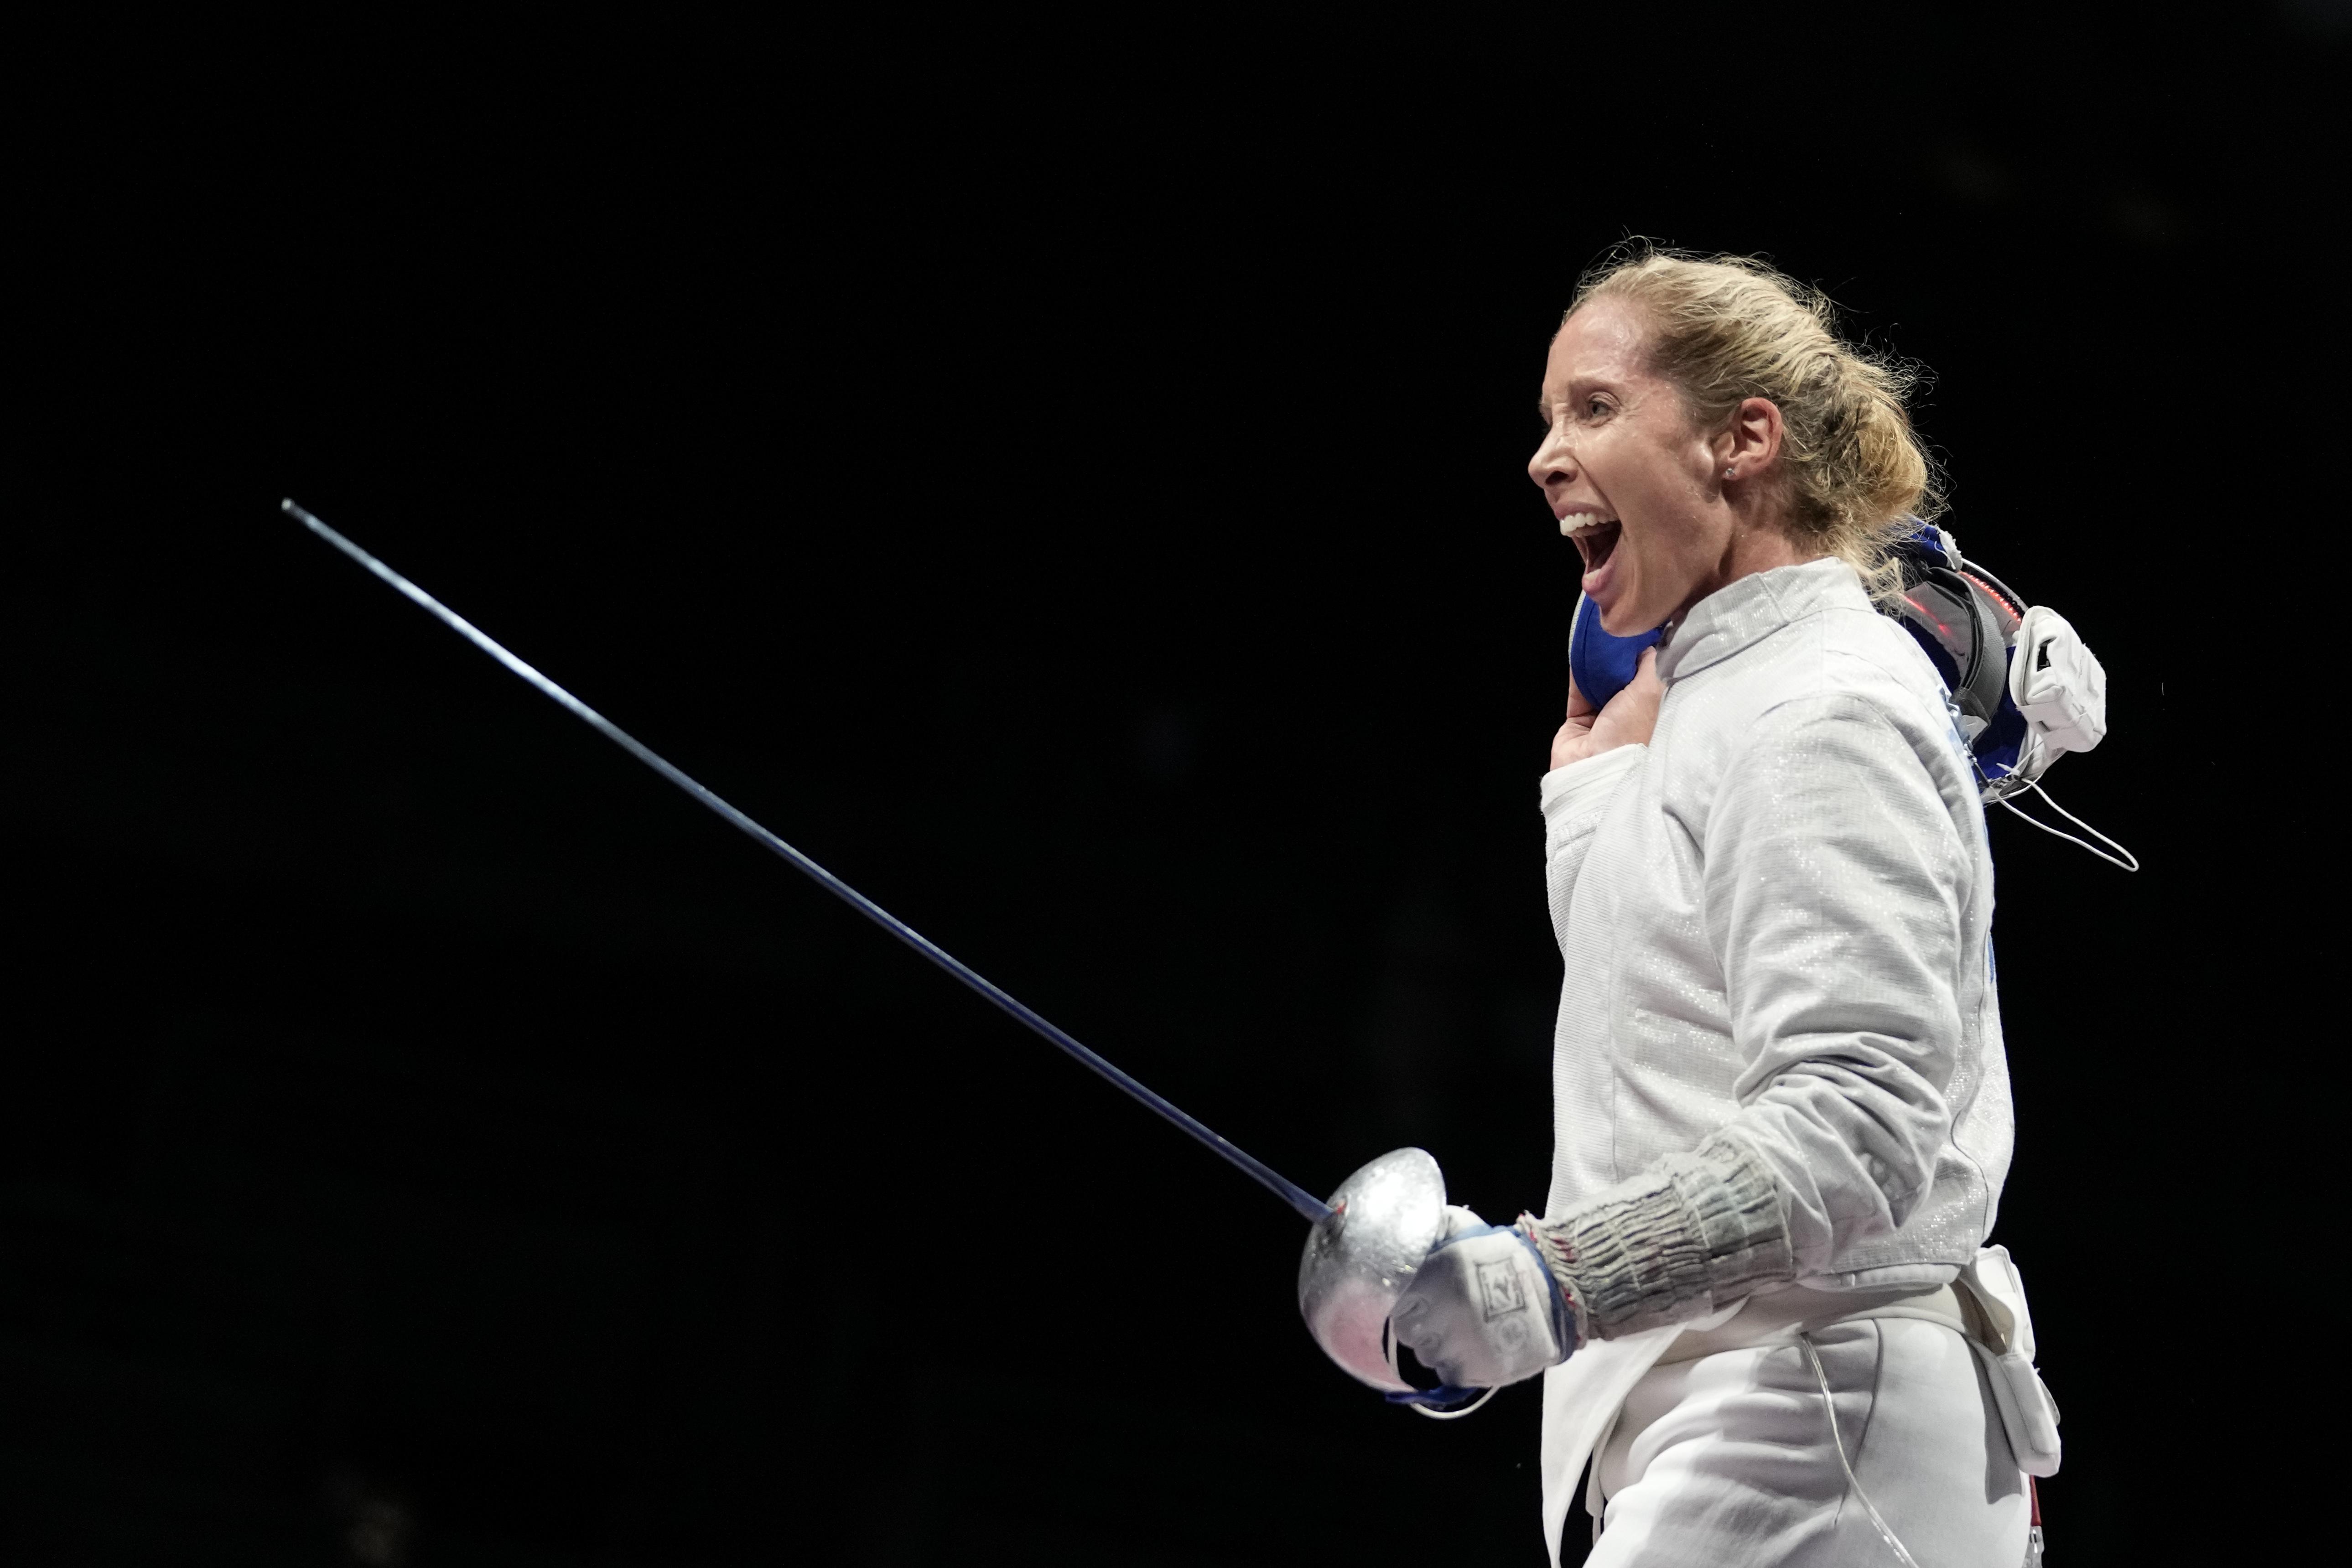 2020年東京奧運,女子擊劍美國代表隊選手(AP)